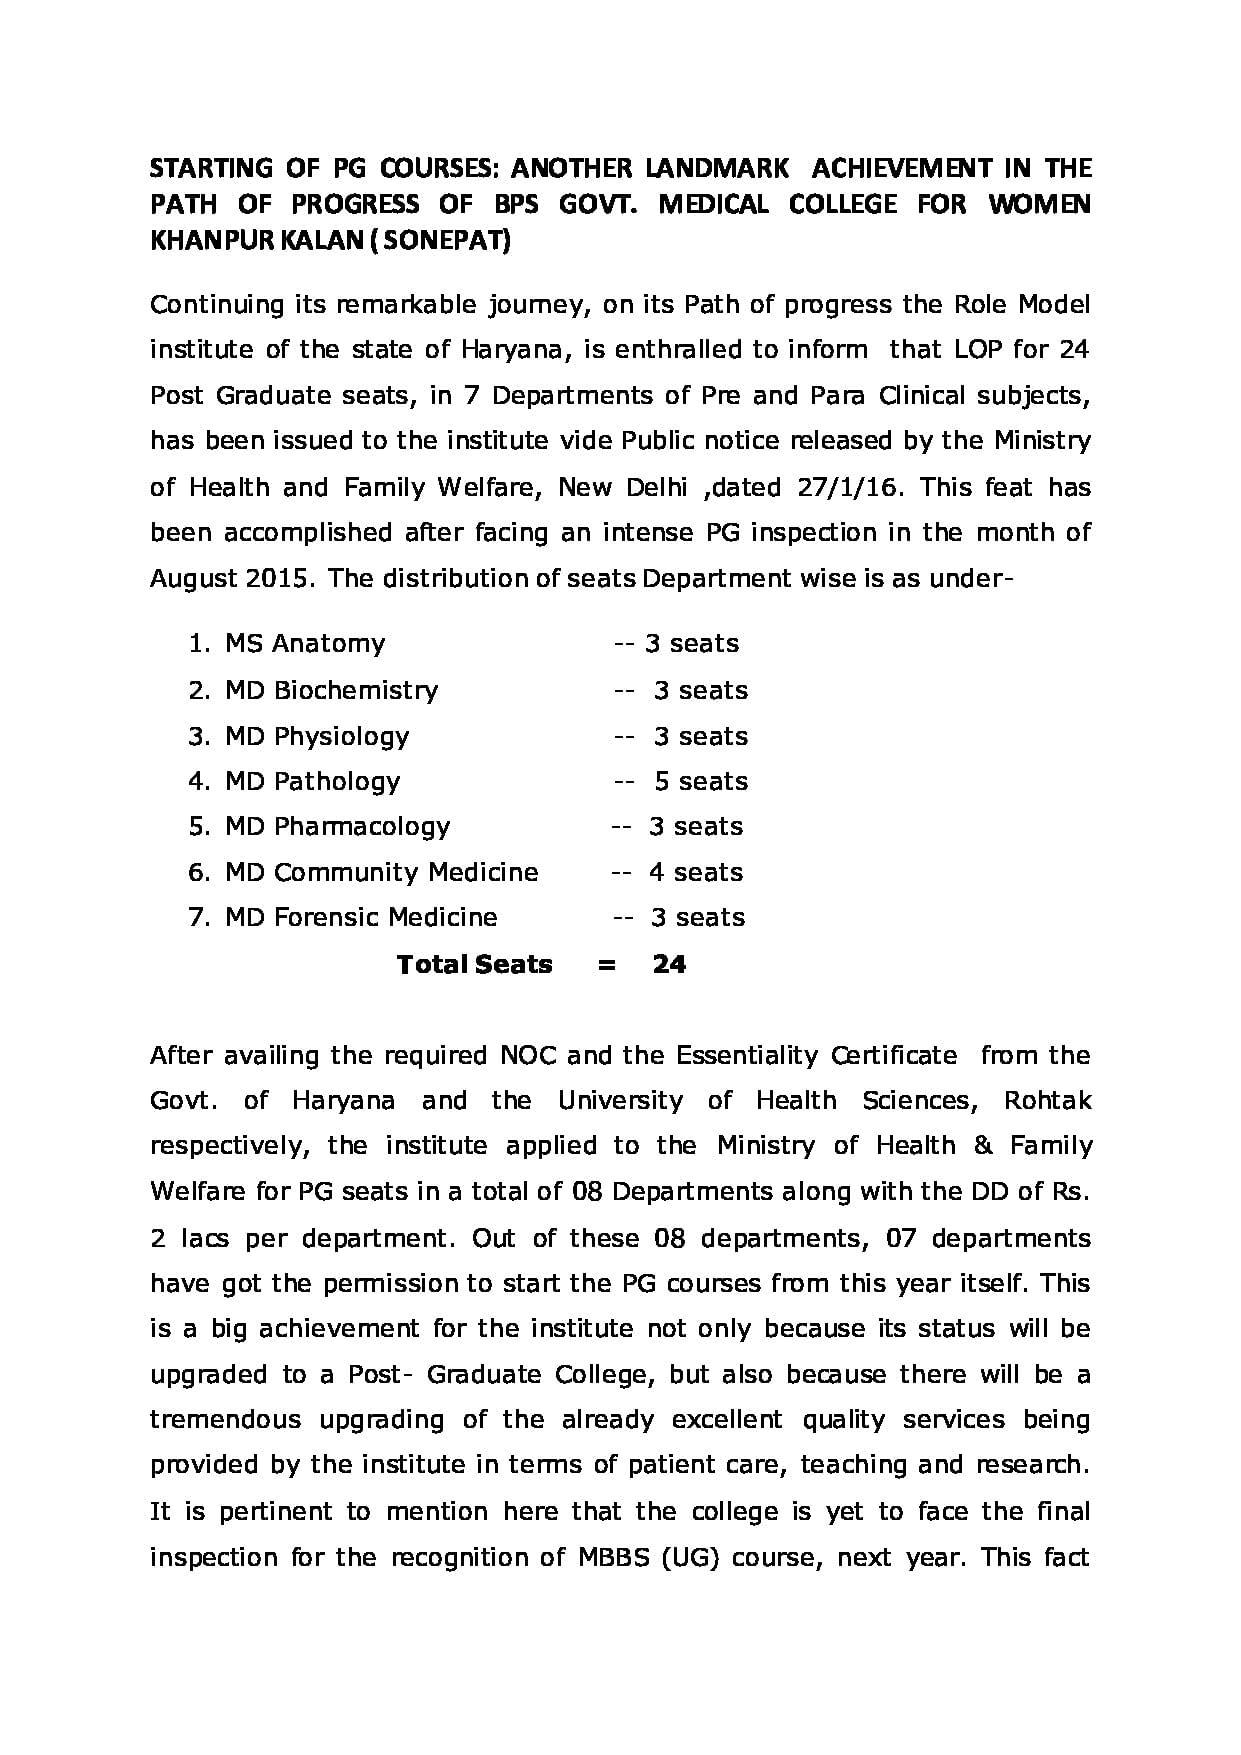 BPS Govt  Medical College for Women, Khanpur Kalan, Sonepat